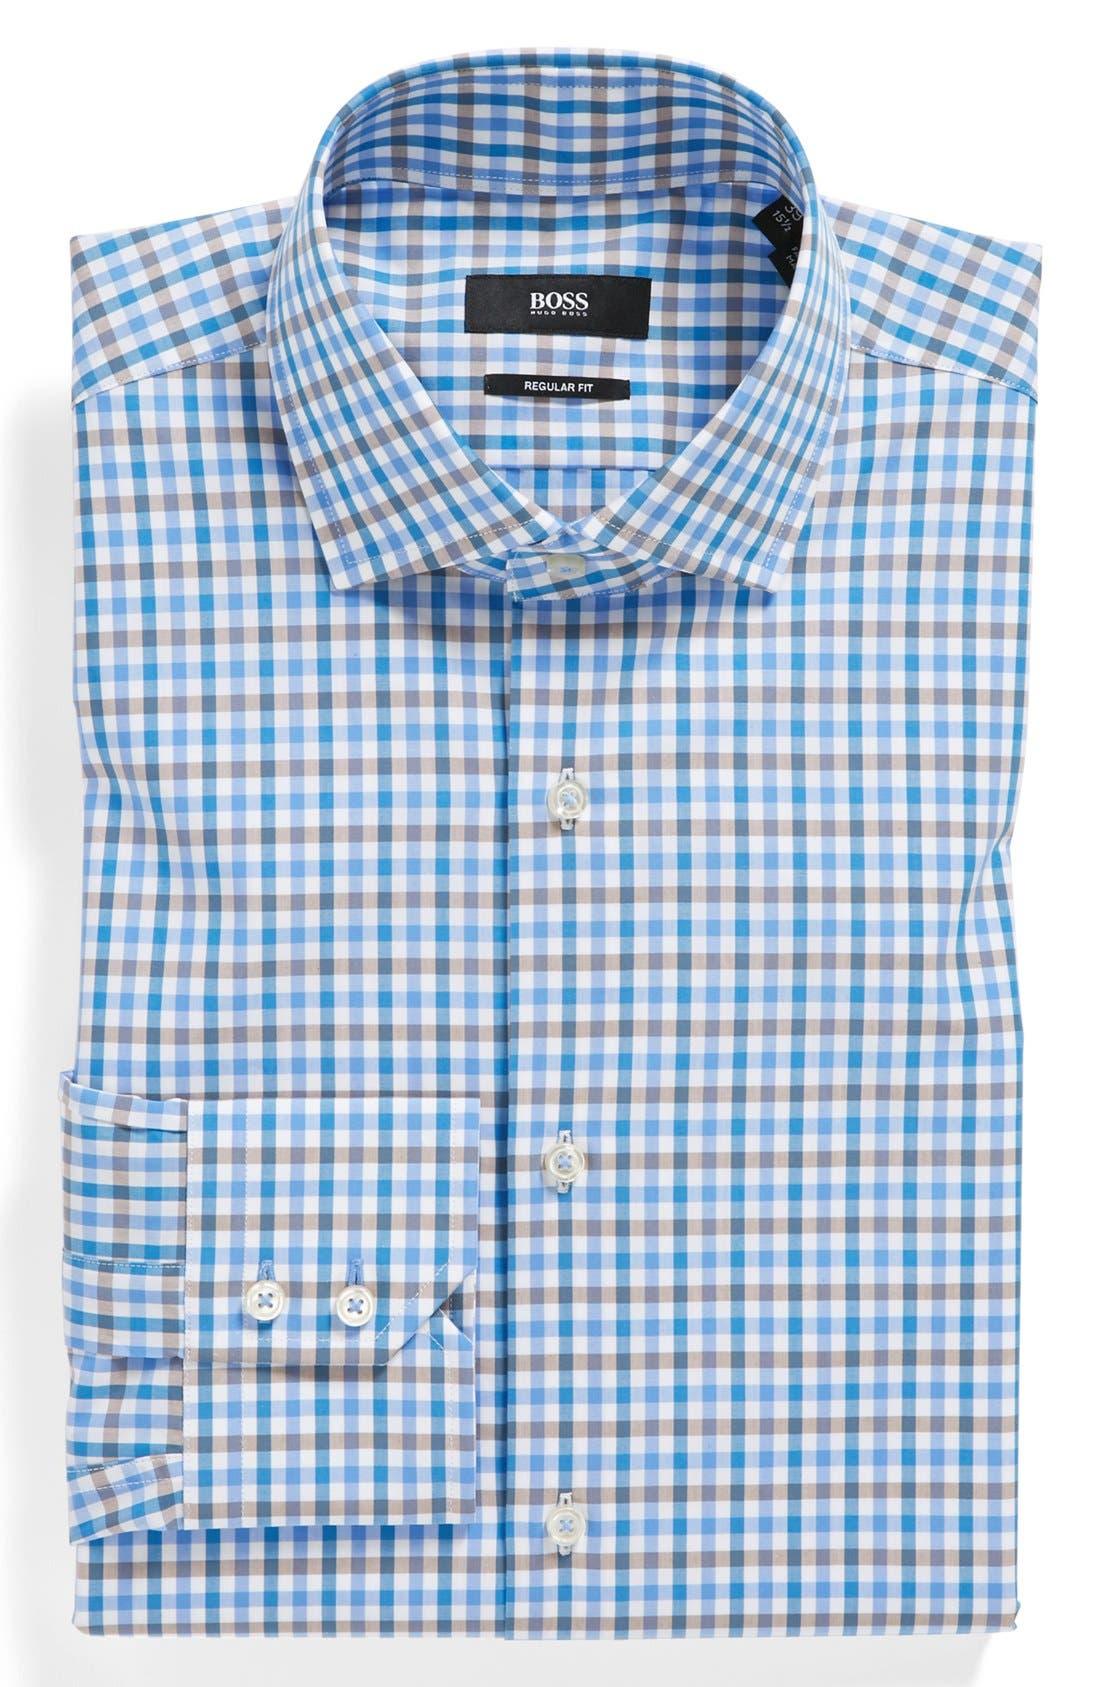 Main Image - BOSS HUGO BOSS 'Gorman' WW Regular Fit Dress Shirt